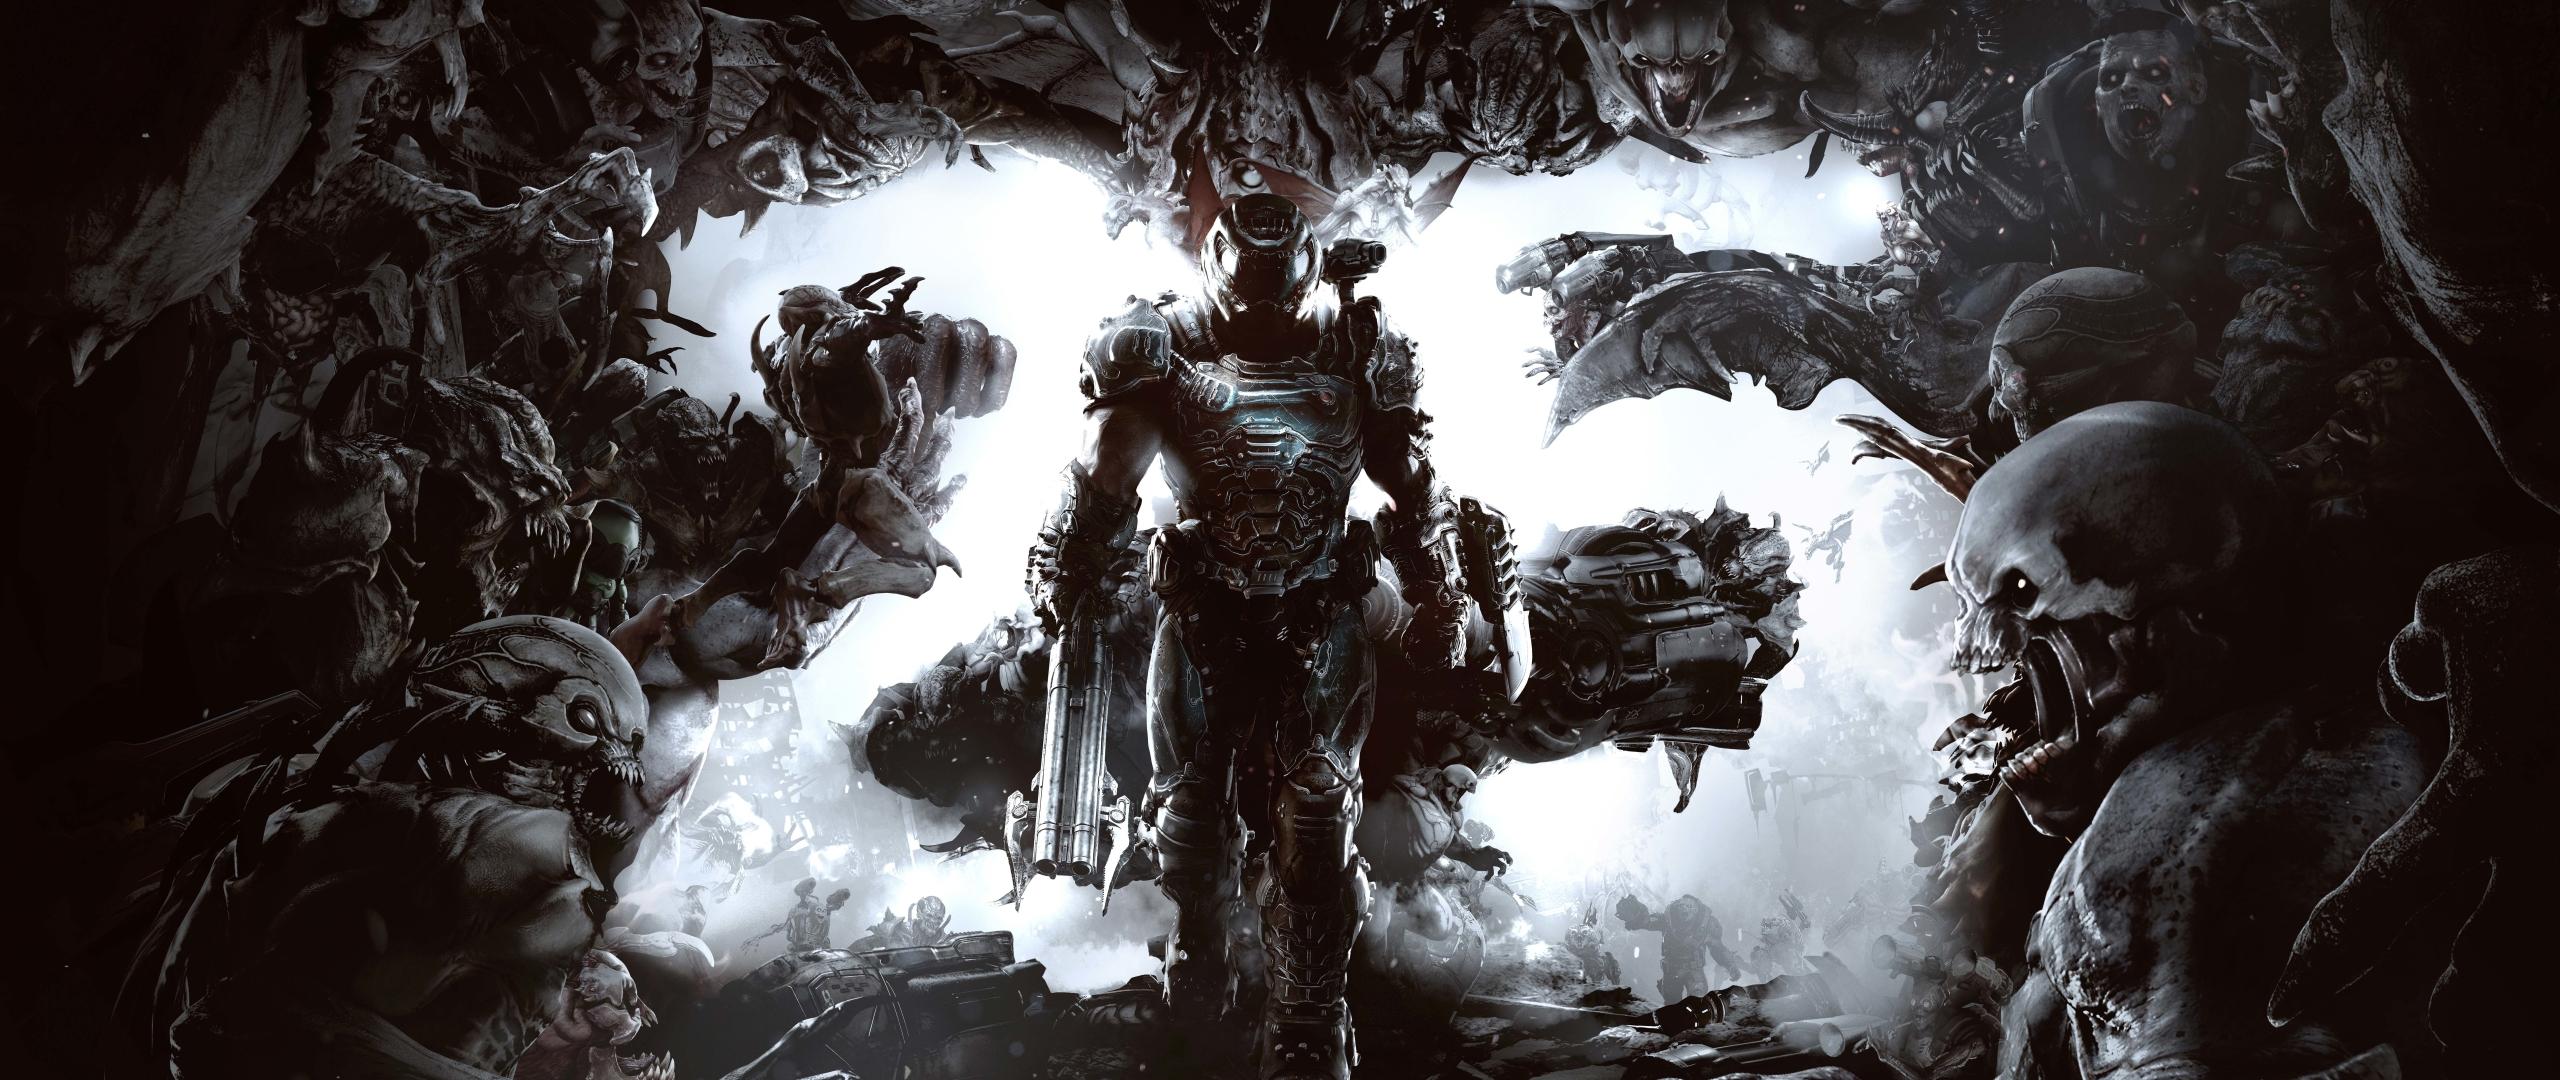 2560x1080 Doom Eternal 2560x1080 Resolution Wallpaper Hd Games 4k